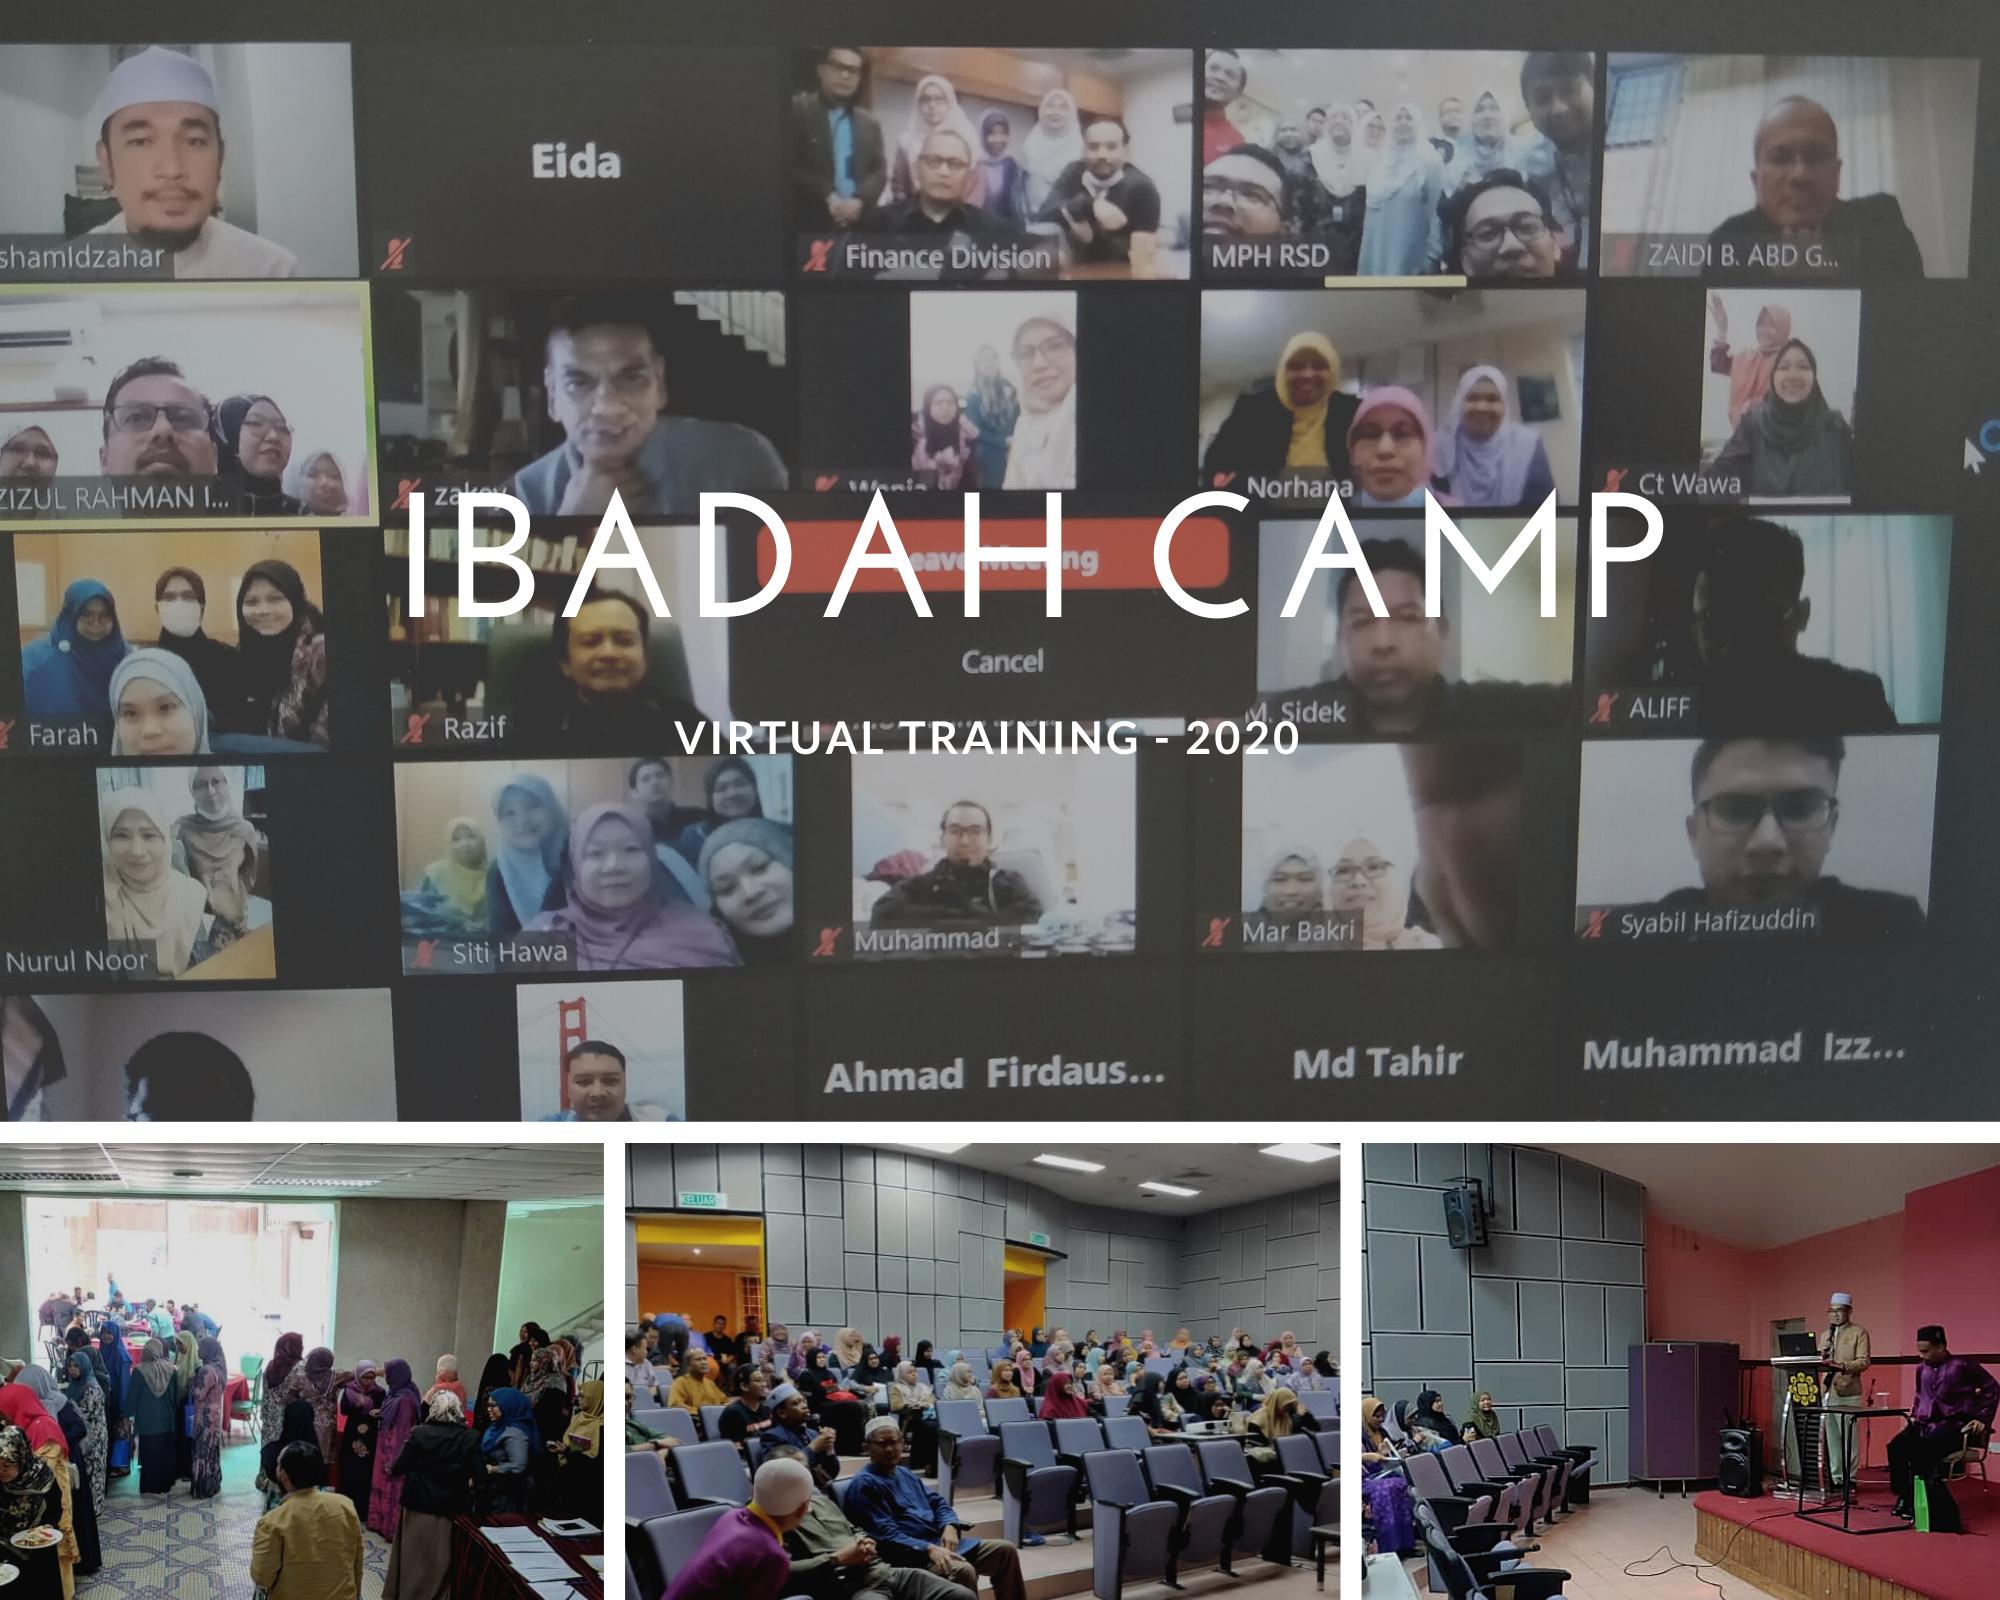 Ibadah Camp 2020